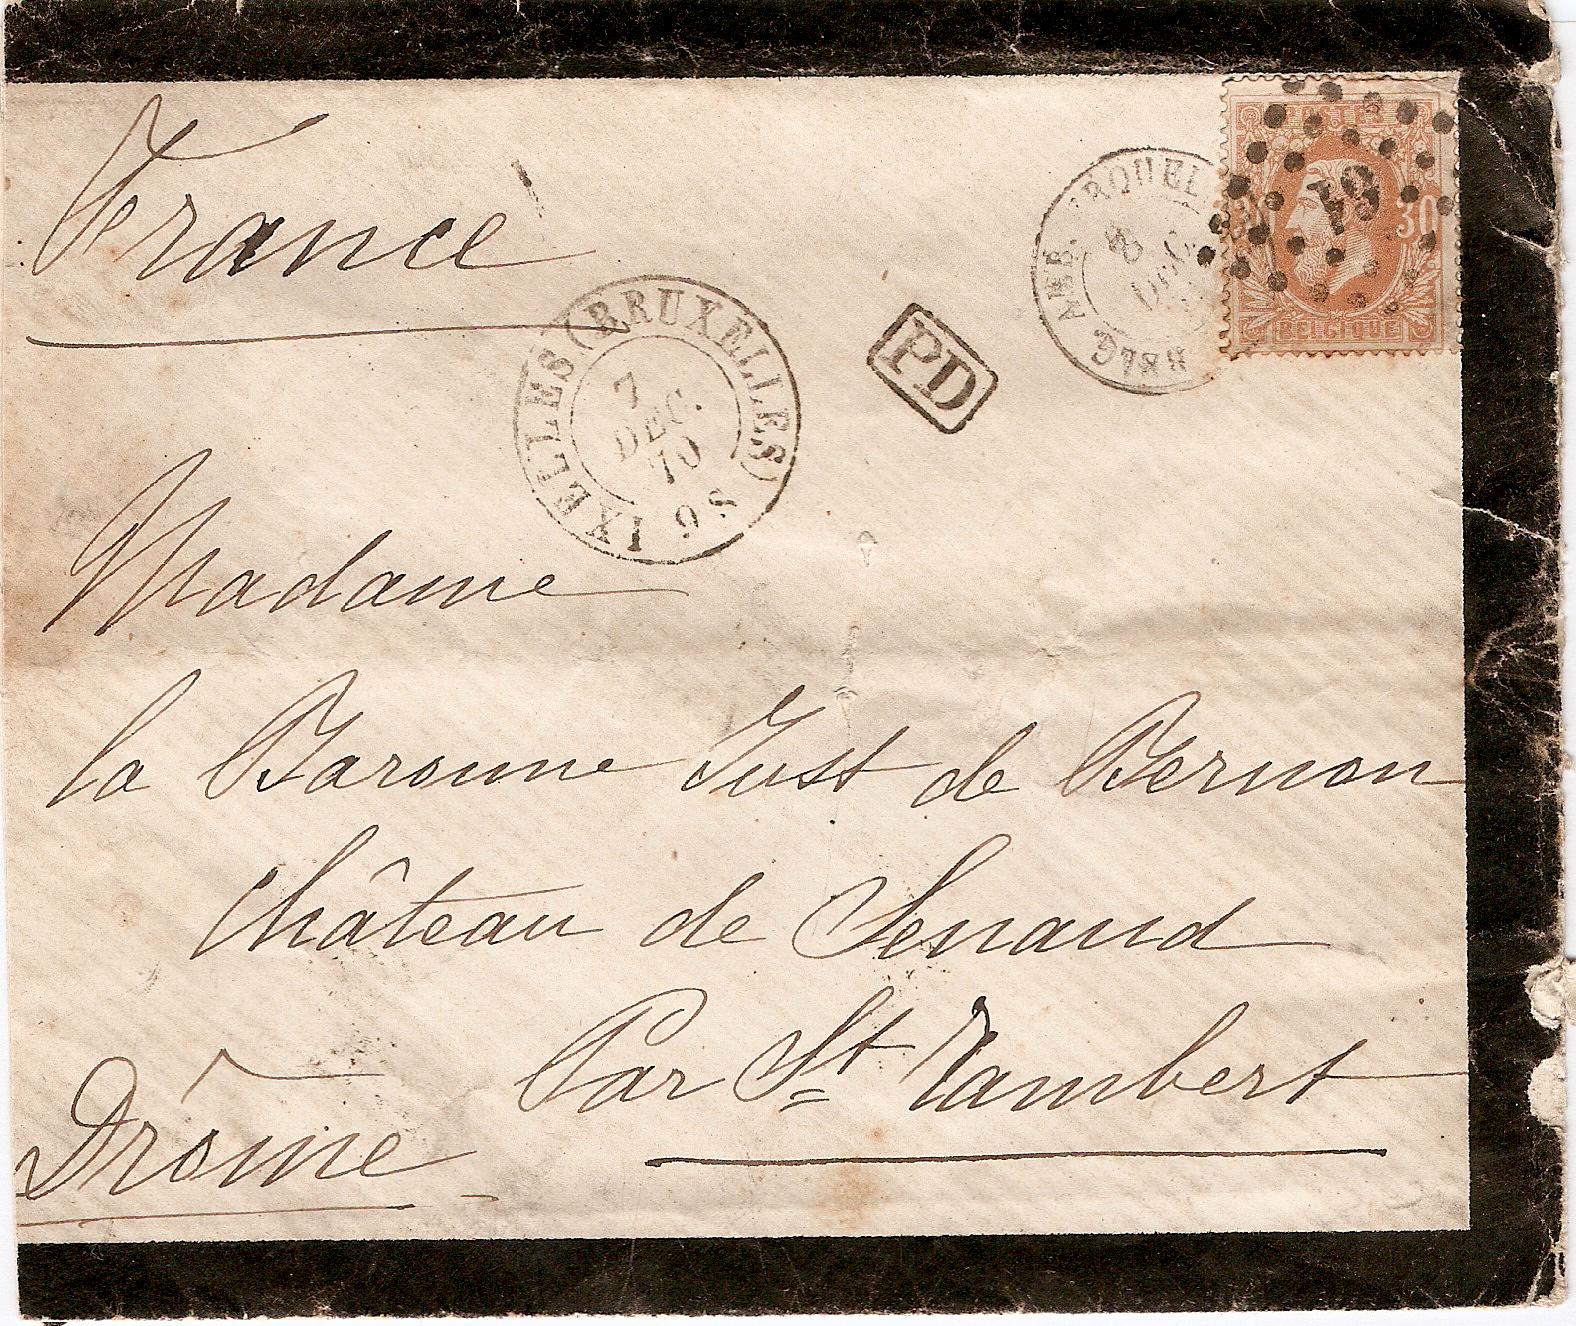 lettre belgique File:Lettre Belgique Ixelles 1870.png   Wikimedia Commons lettre belgique